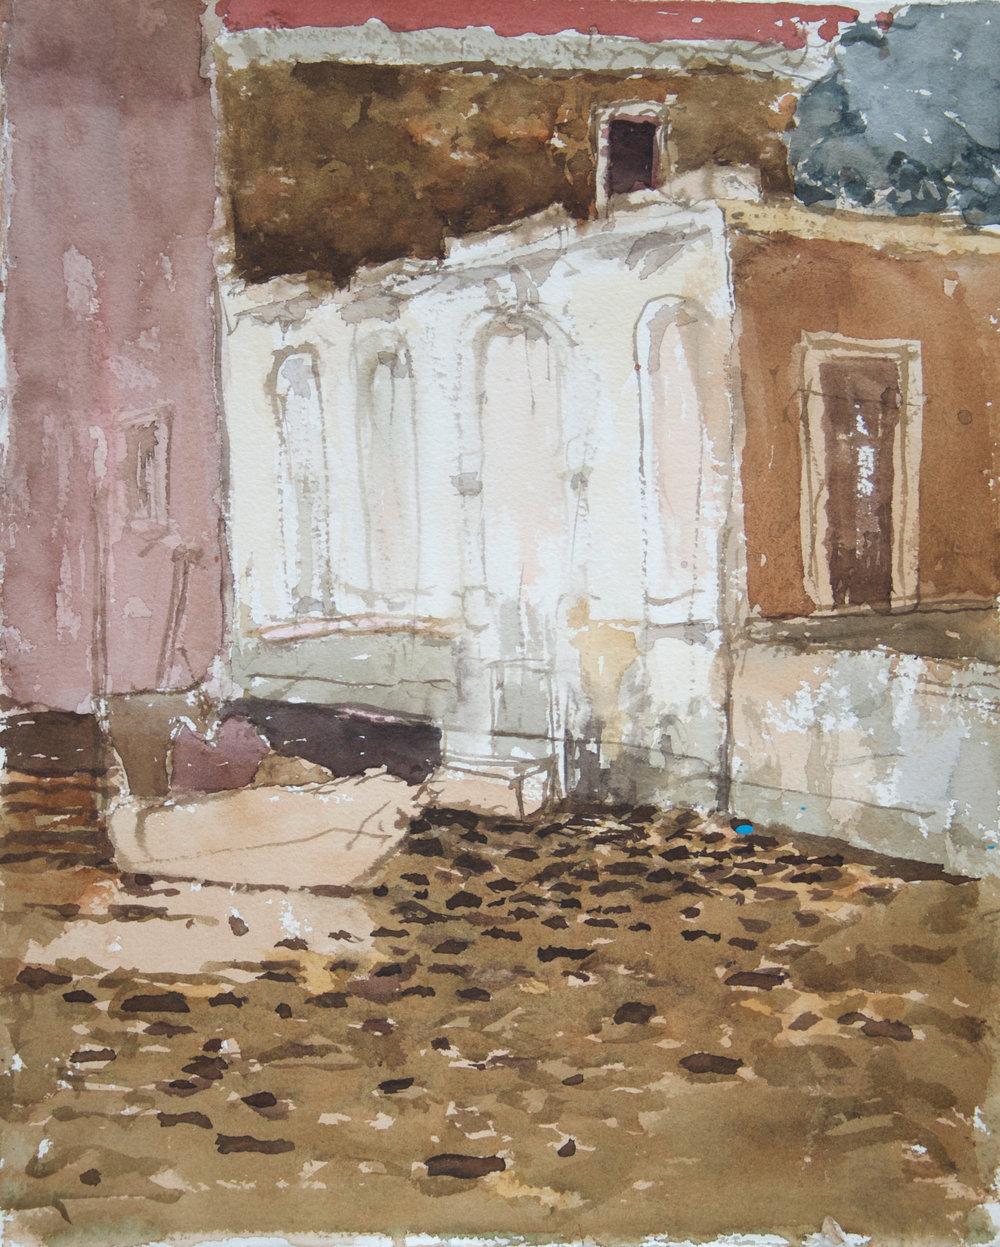 2001_Rio_della_Sensa_Watercolour_on_paper_15x12in_WPF343.jpg